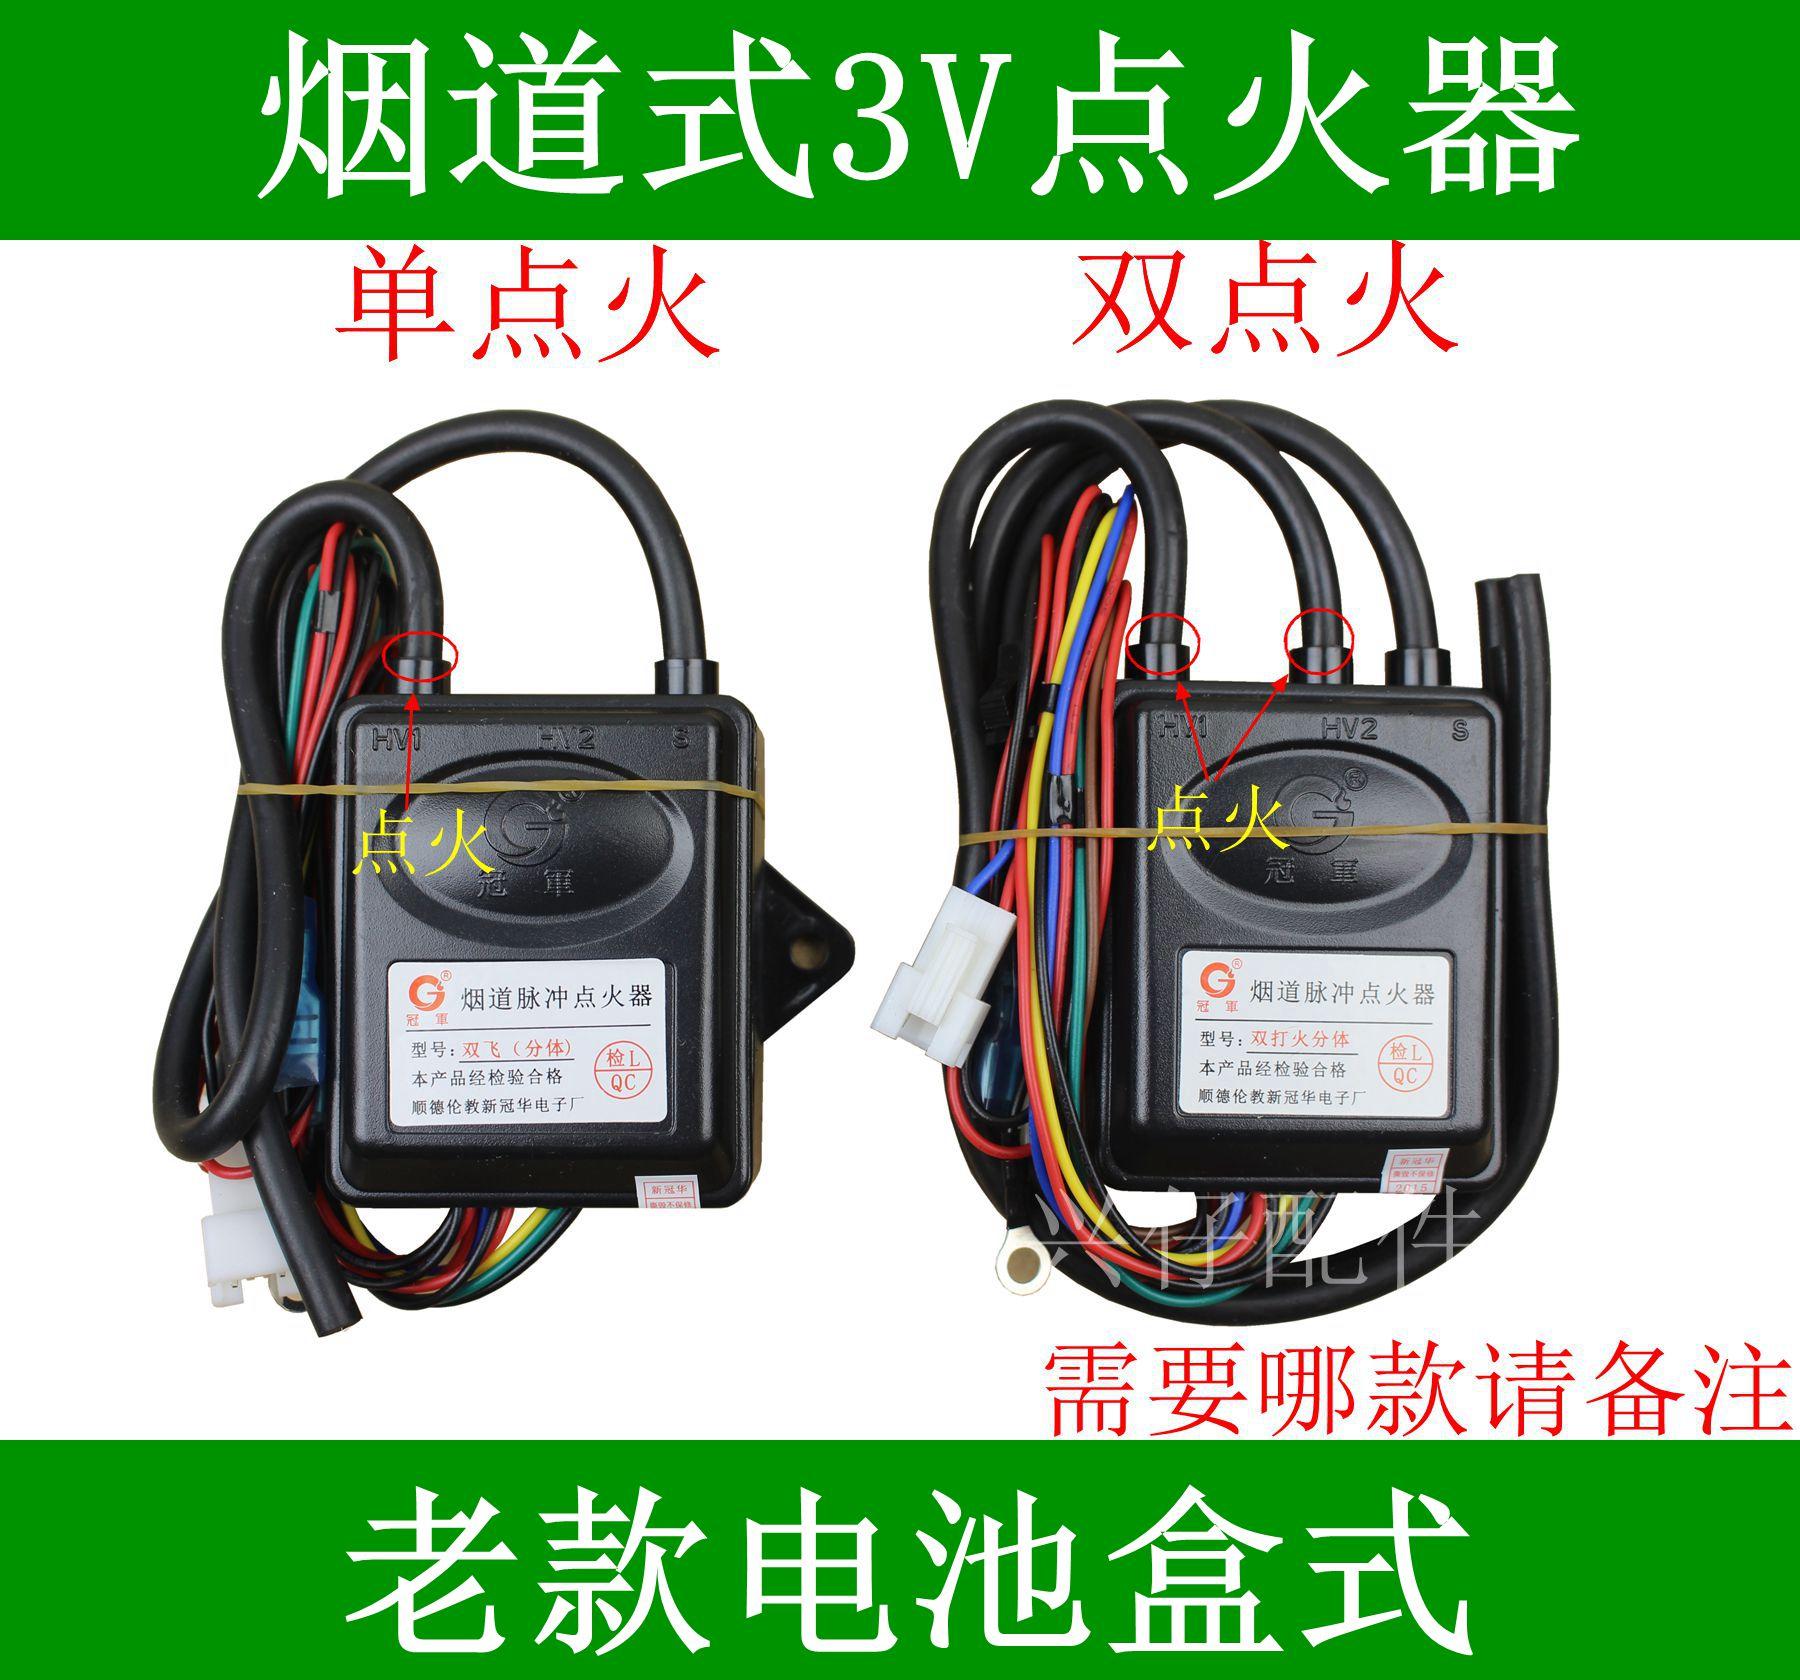 万和烟道式燃气热水器脉冲点火控制器JSD14-7B/16-8C/DHS-I 6配件